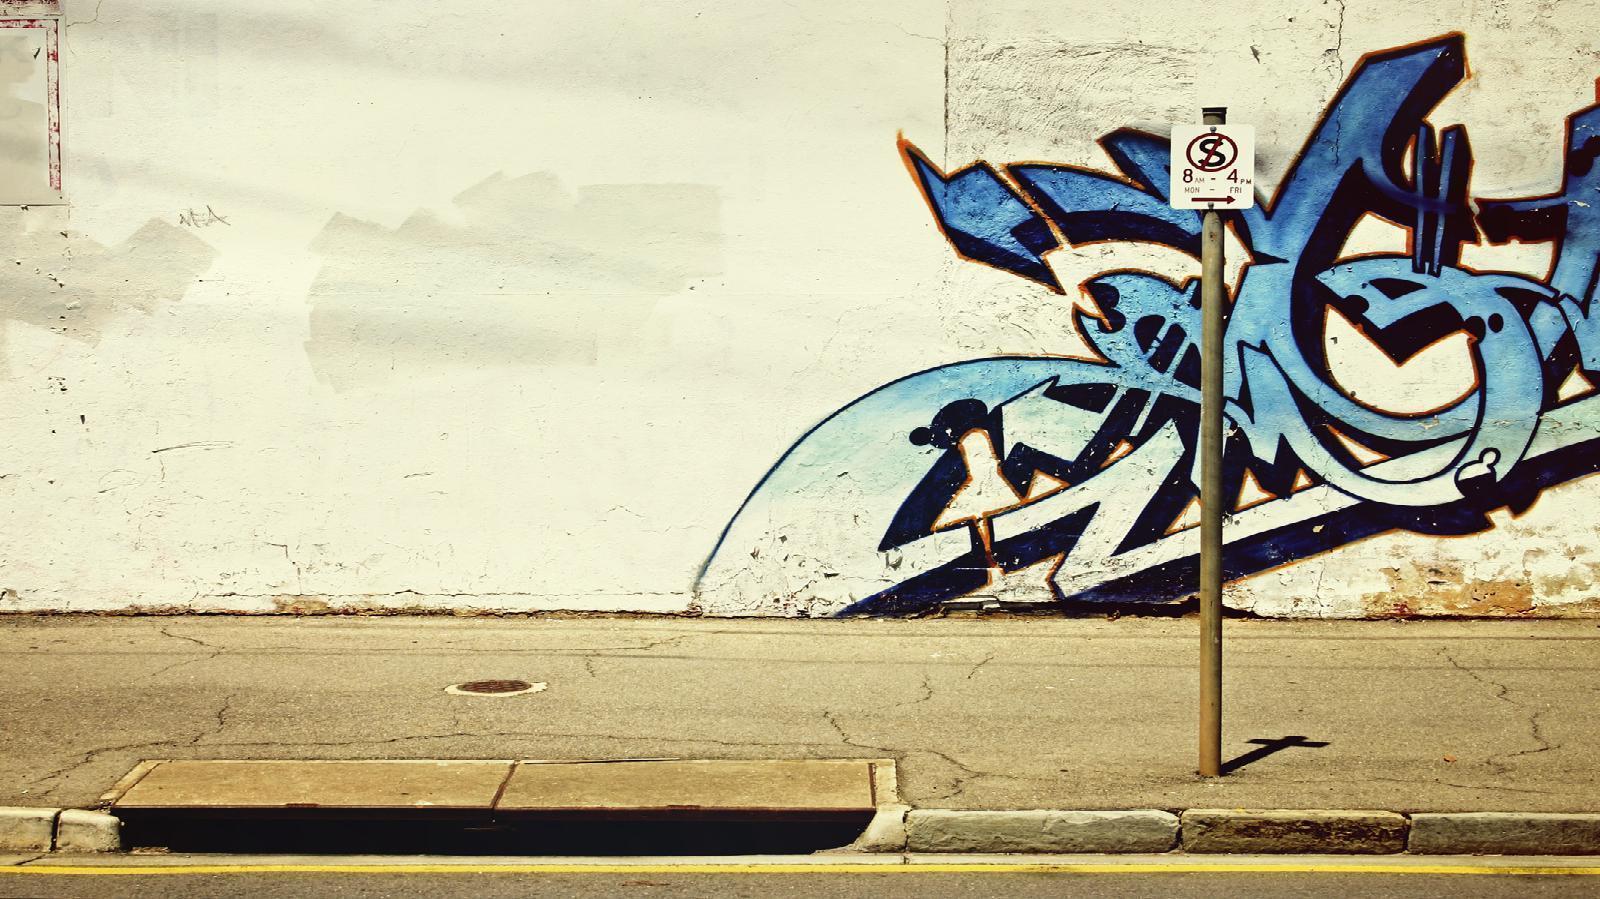 street art wallpapers wallpaper cave